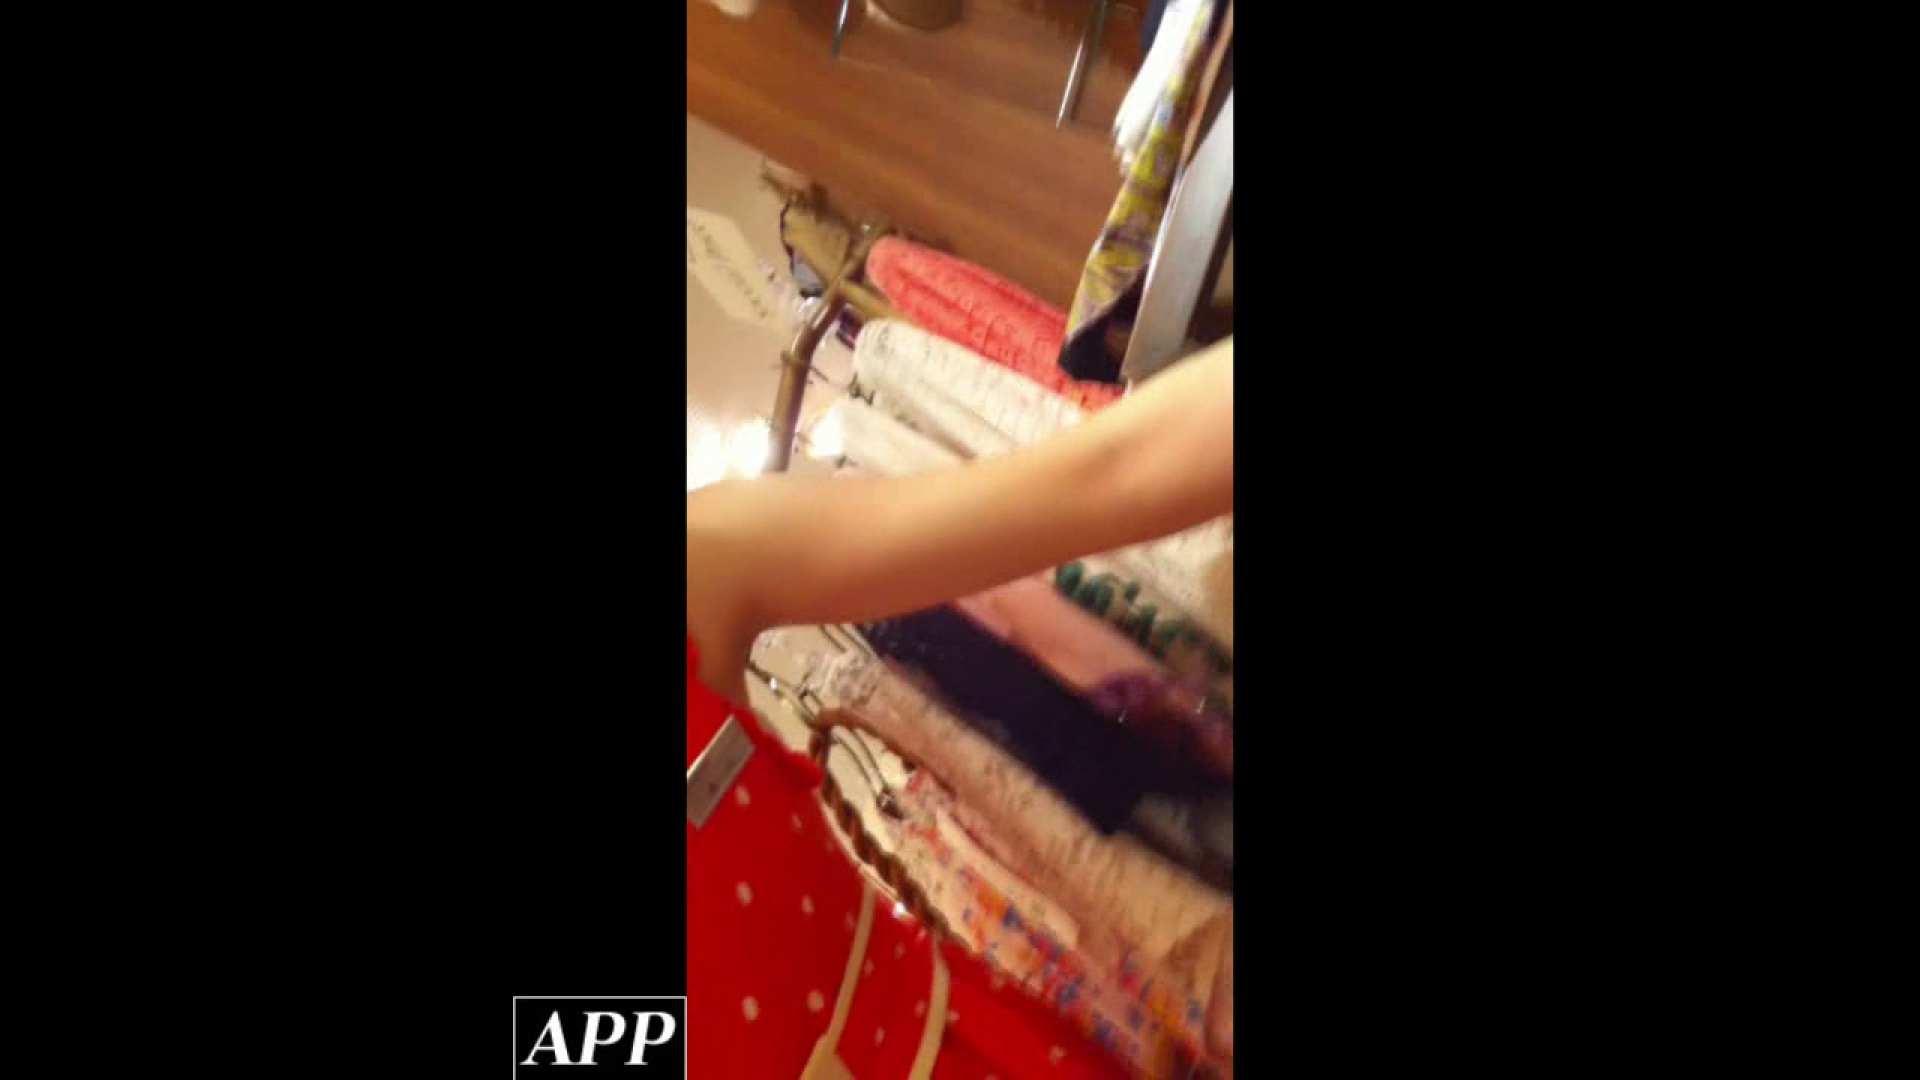 ハイビジョン盗撮!ショップ店員千人斬り!胸チラ編 vol.86 OLのエロ生活 セックス無修正動画無料 106連発 14